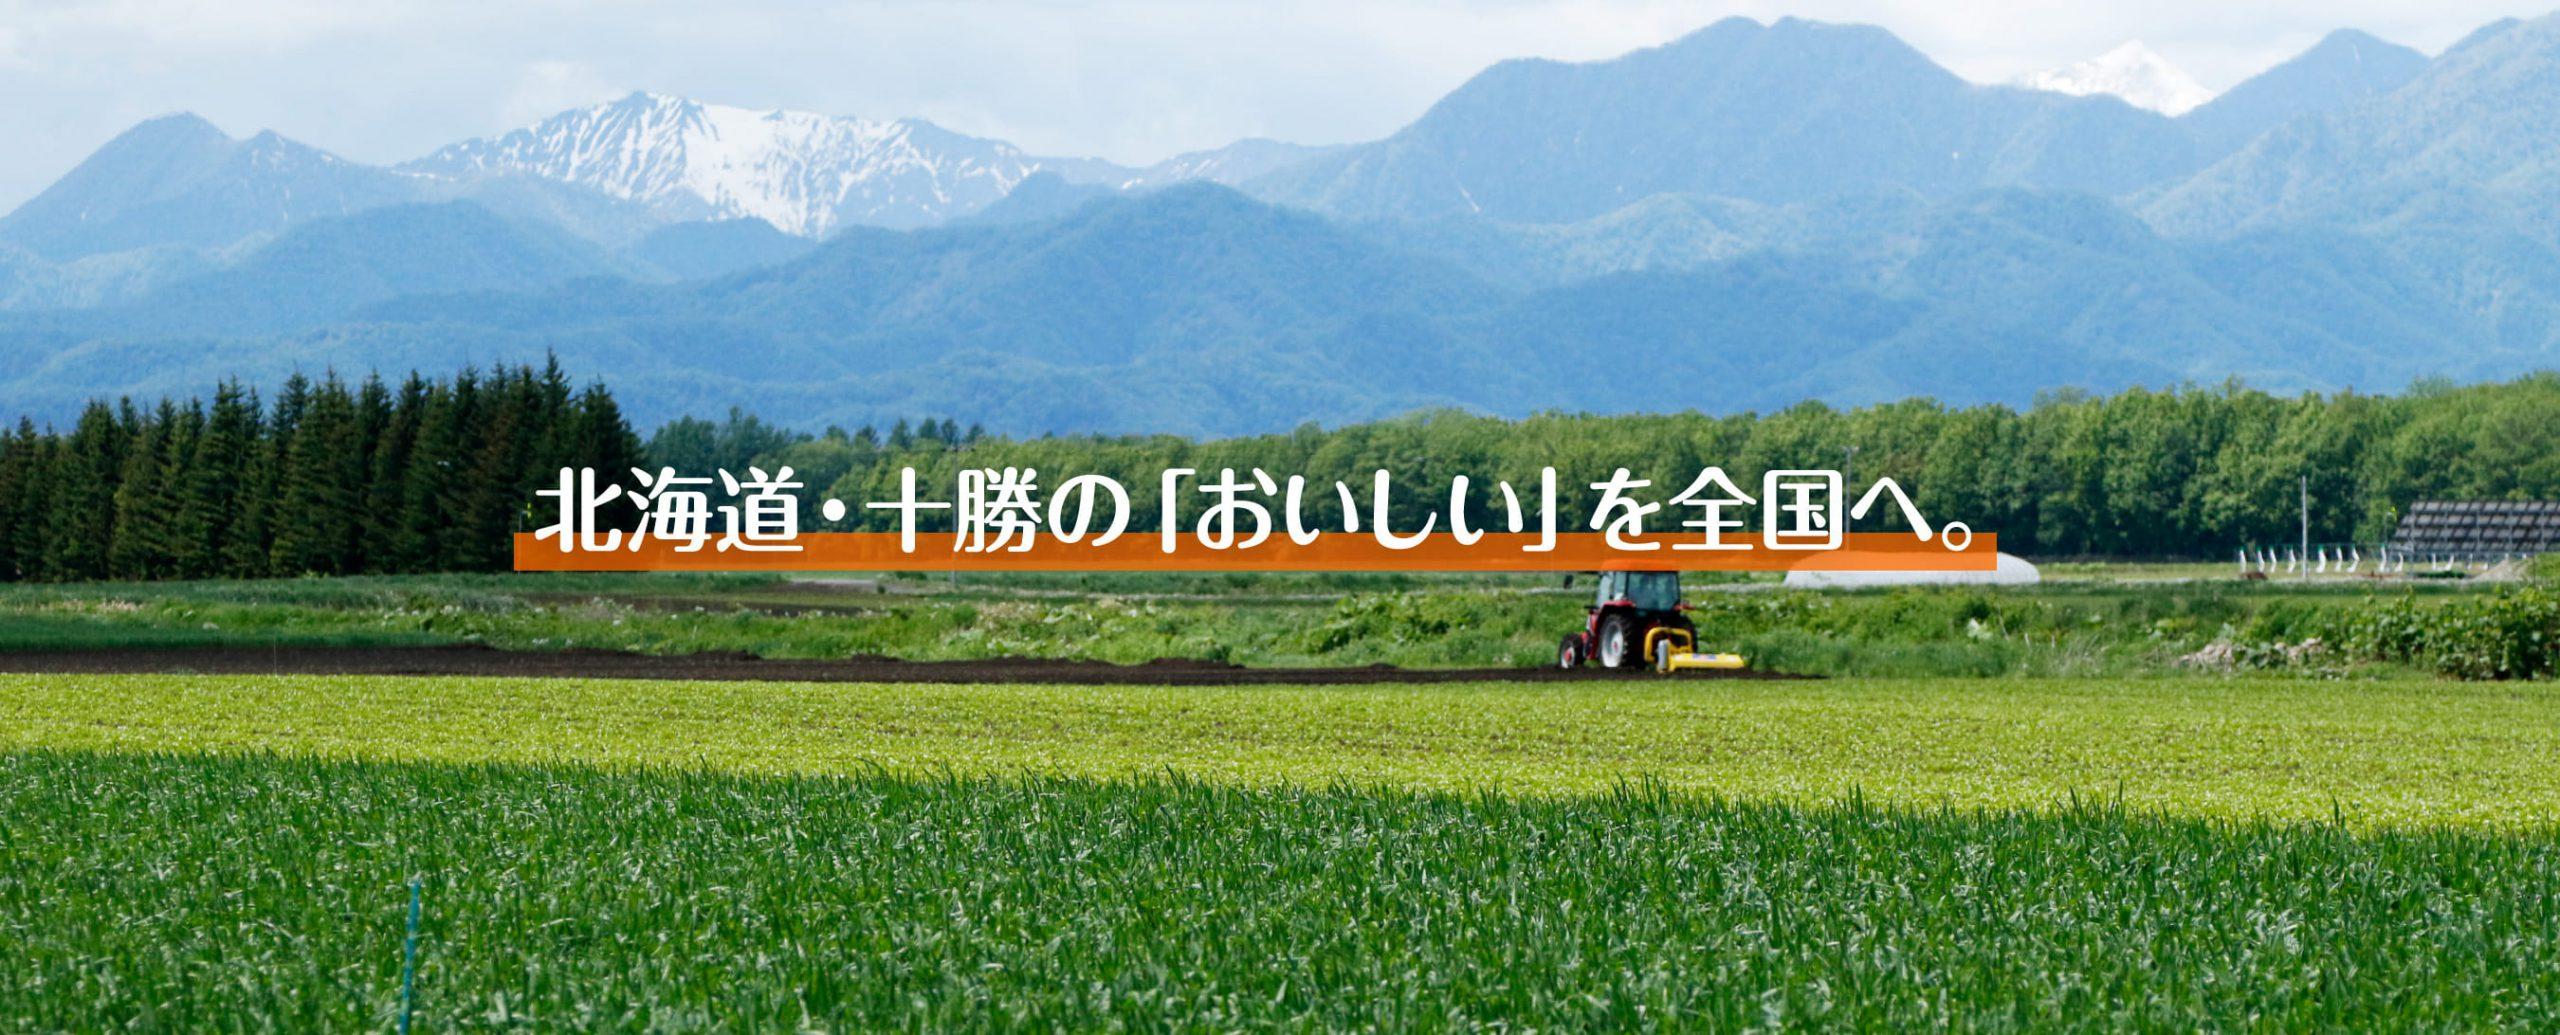 check!北海道・十勝の「おいしい」を全国へ。